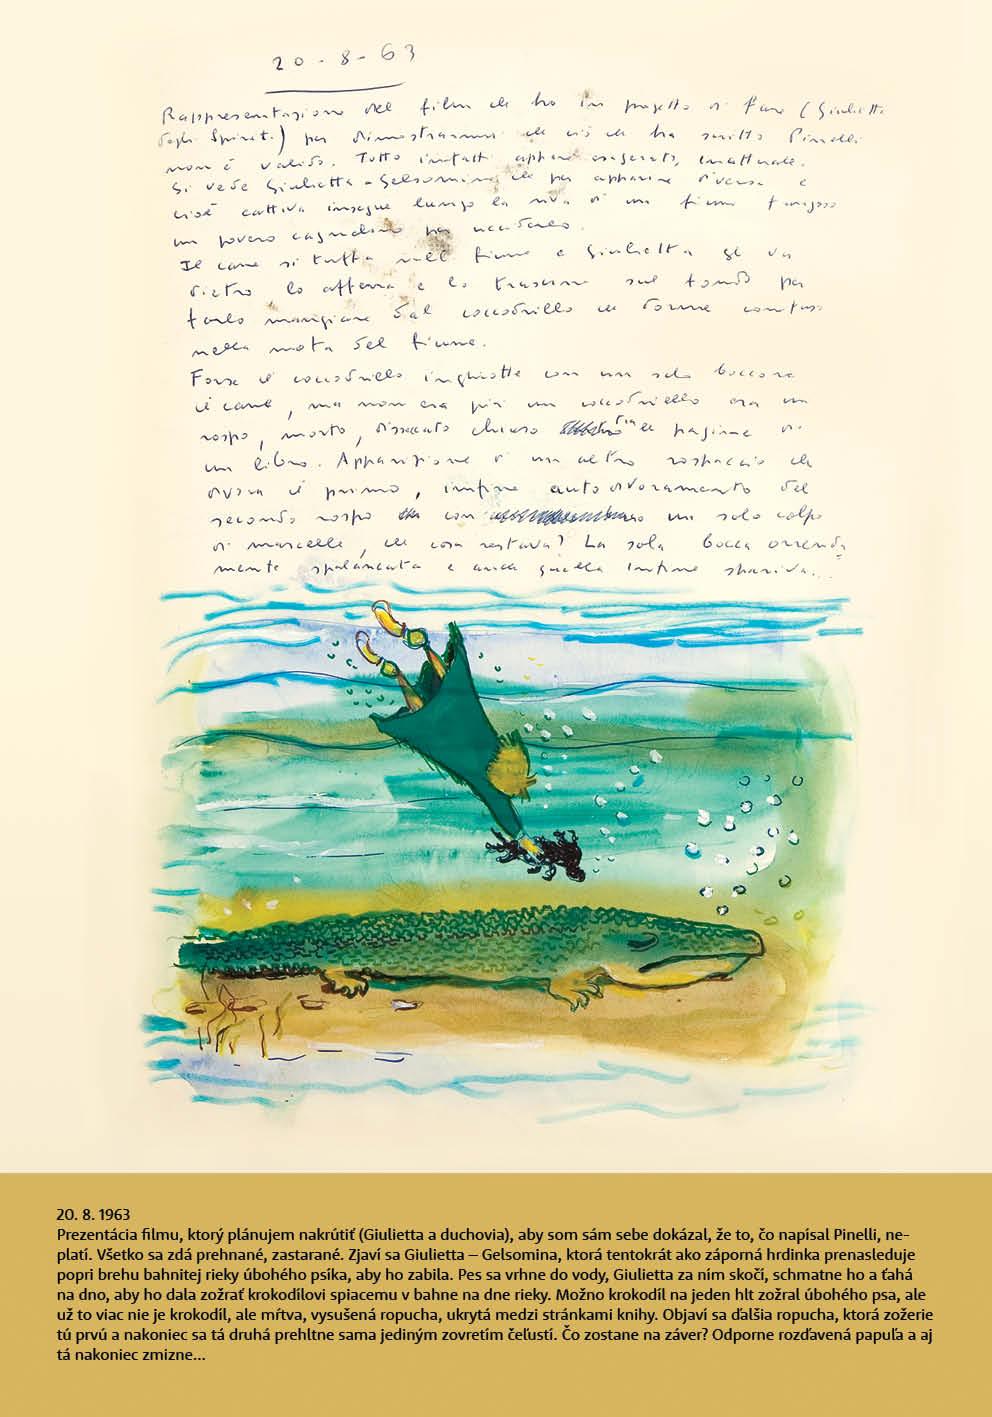 Federico Fellini Book of Dreams, exhibition posters, Cinema Lumiere, Bratislava, 2020